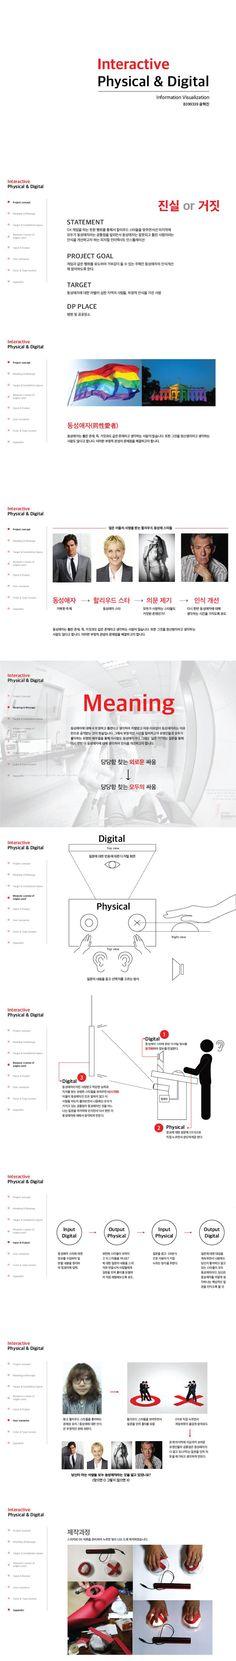 윤혁진│ Information Visualization 2015│ Major in Digital Media Design │#hicoda │hicoda.hongik.ac.kr